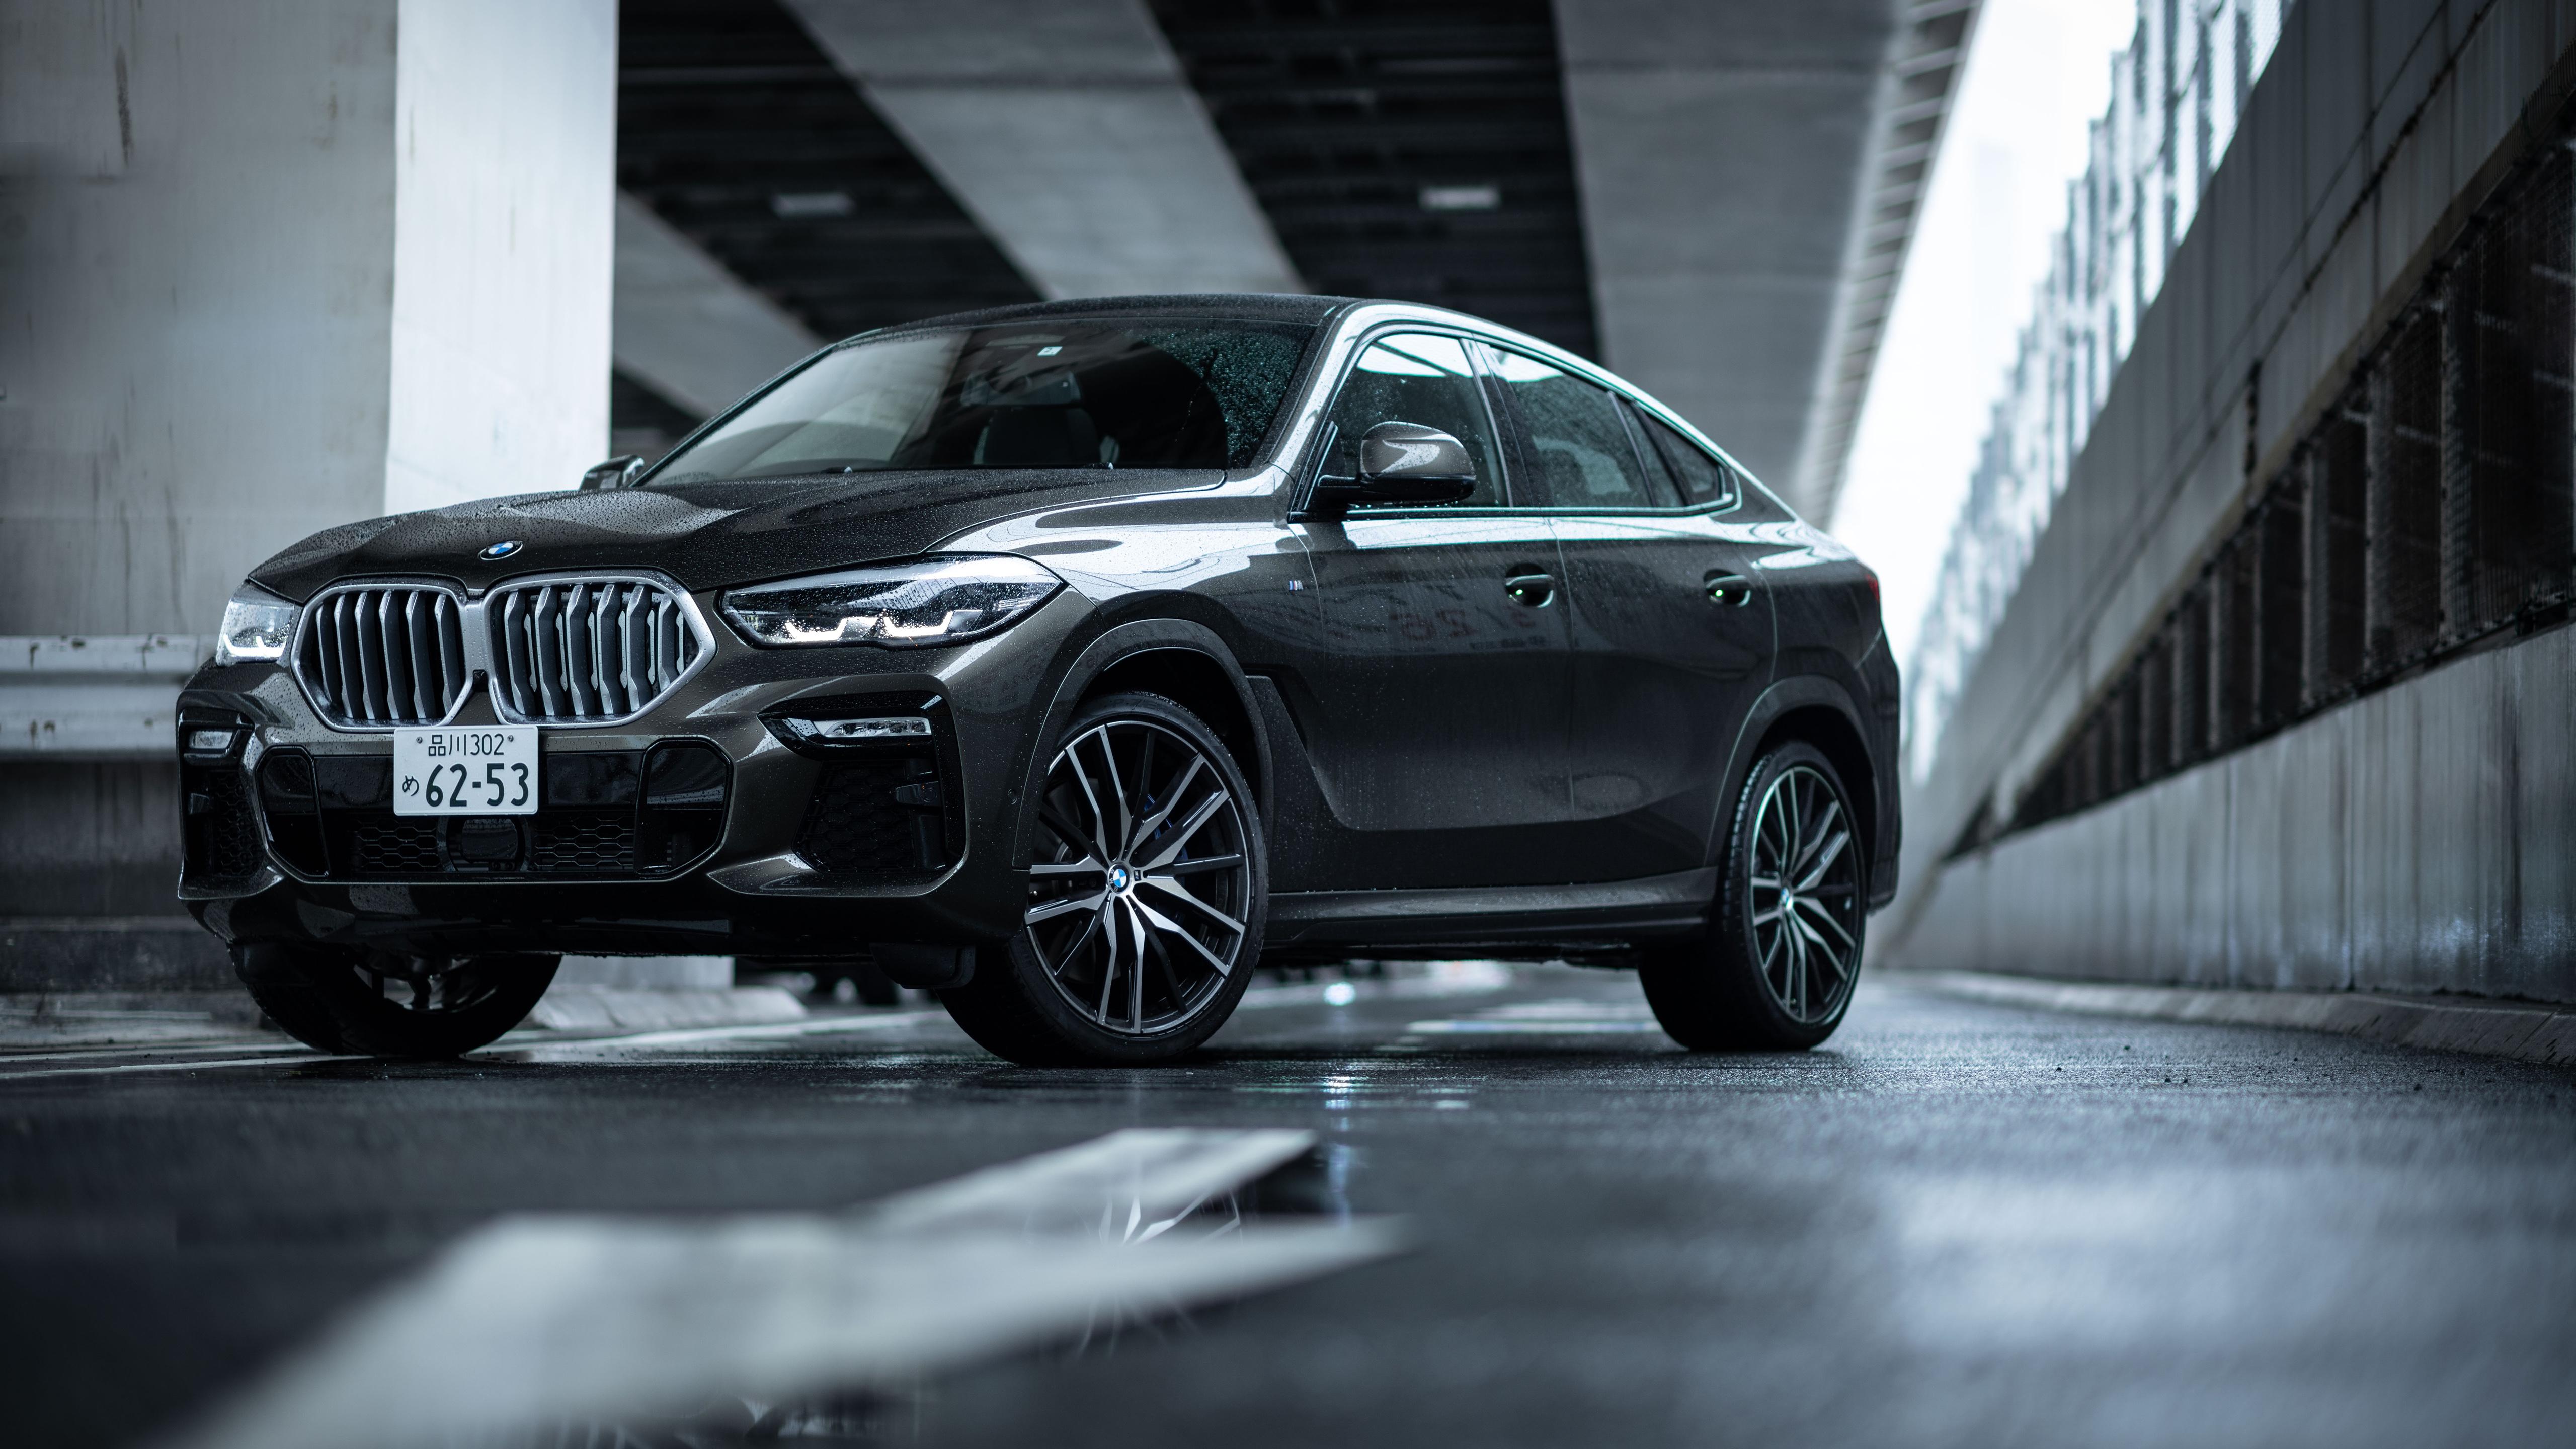 BMW X6 xDrive35d M Sport 2020 5K Wallpaper | HD Car ...